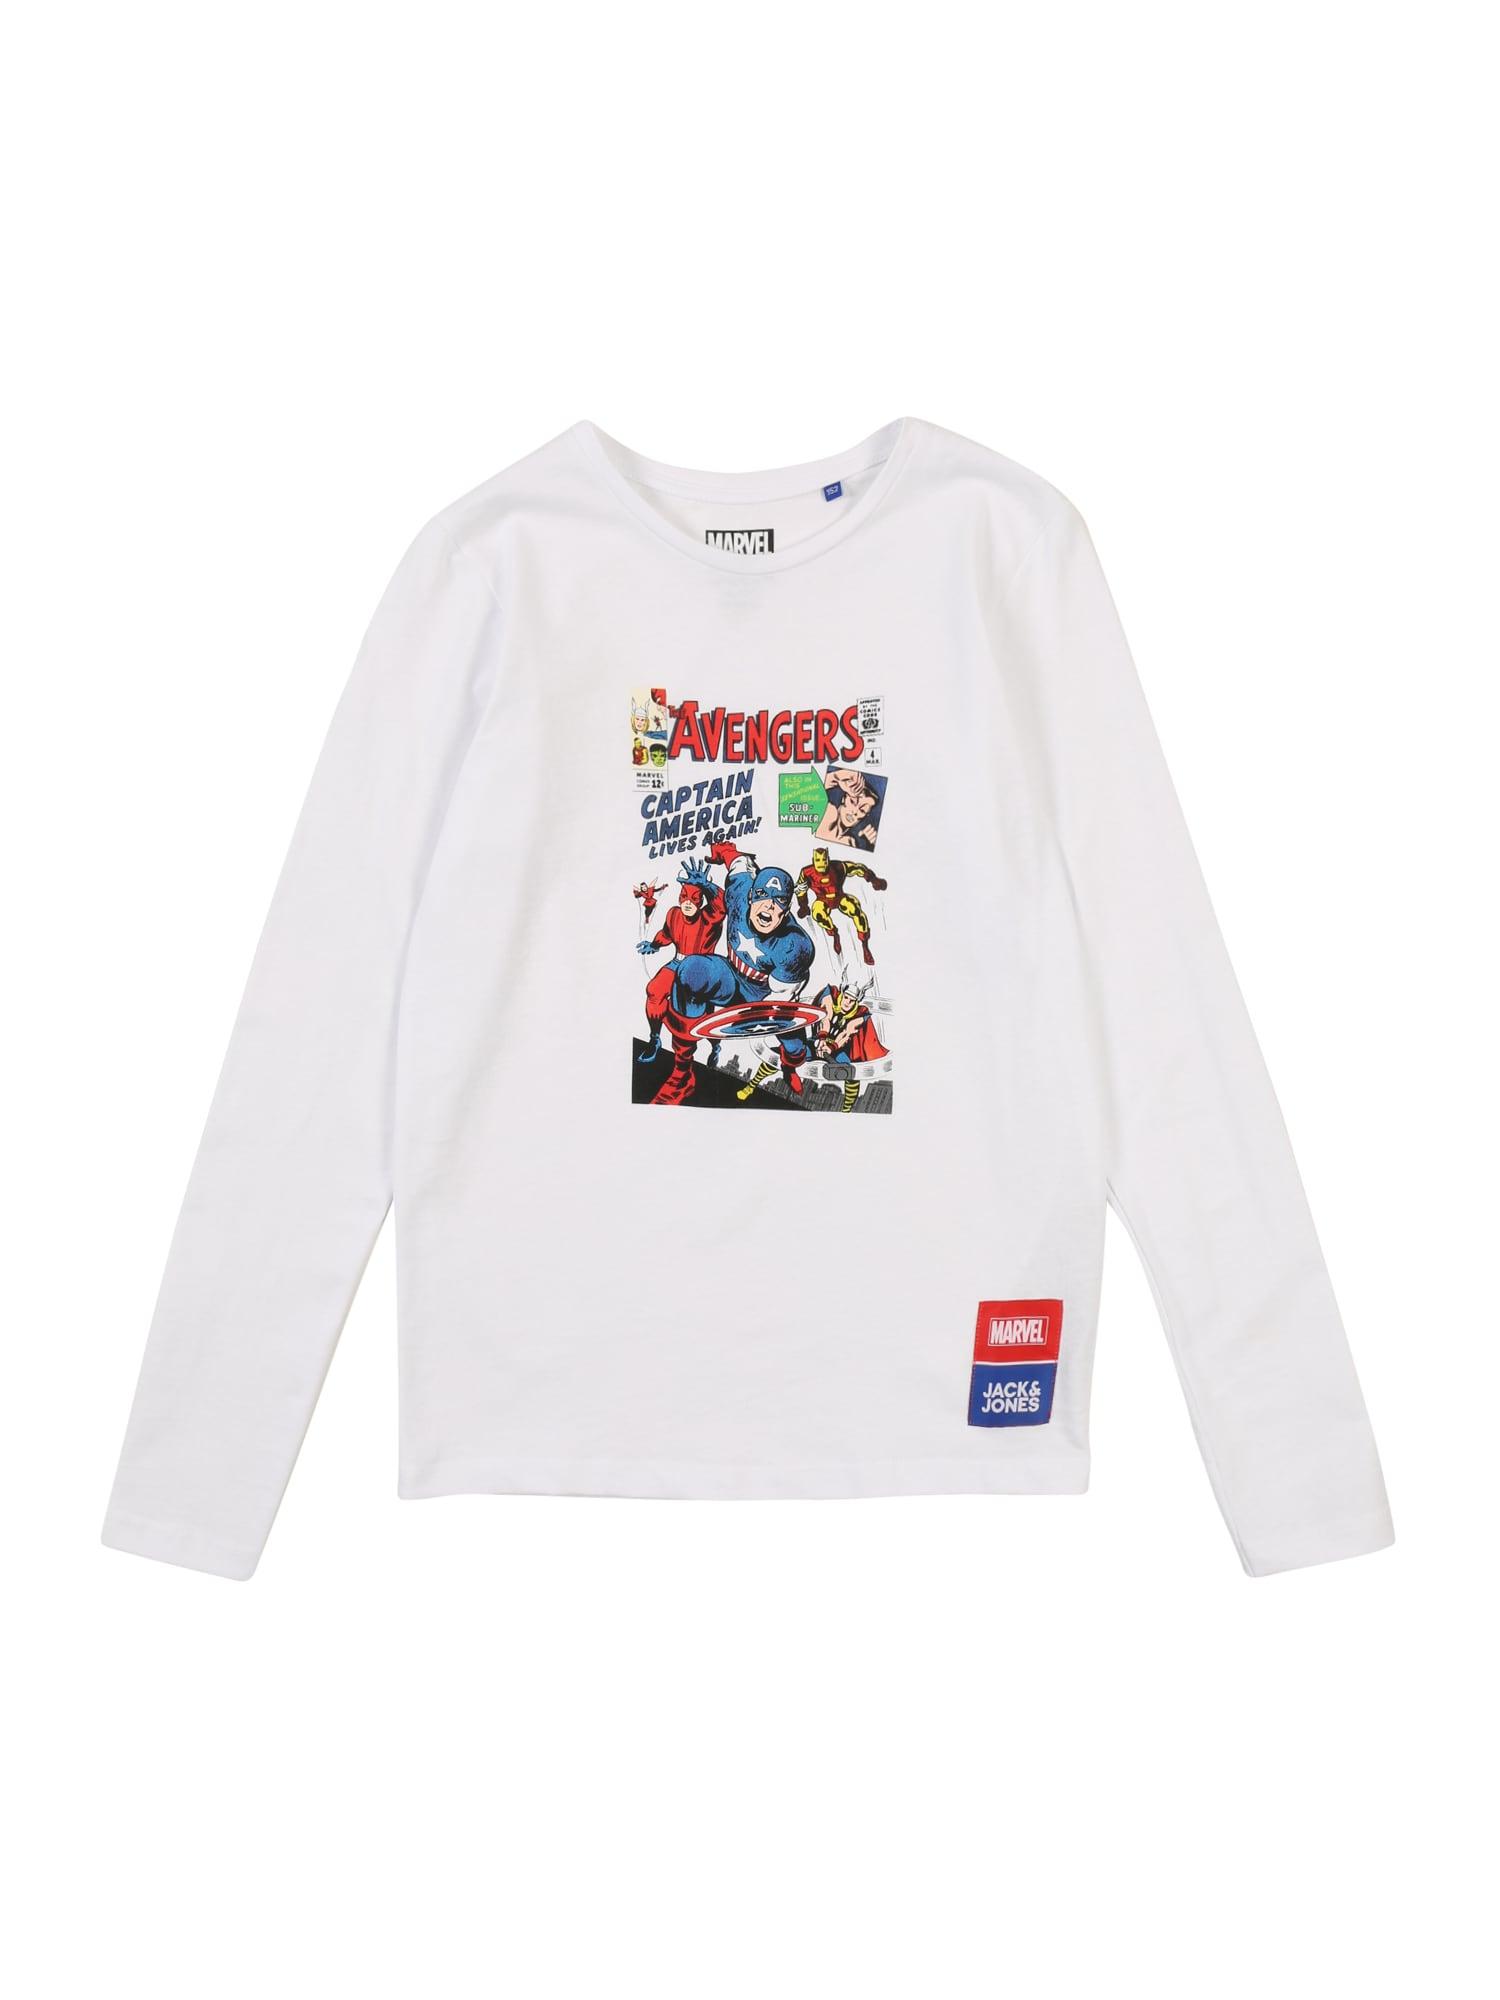 Jack & Jones Junior Marškinėliai 'Avengers' mišrios spalvos / balta